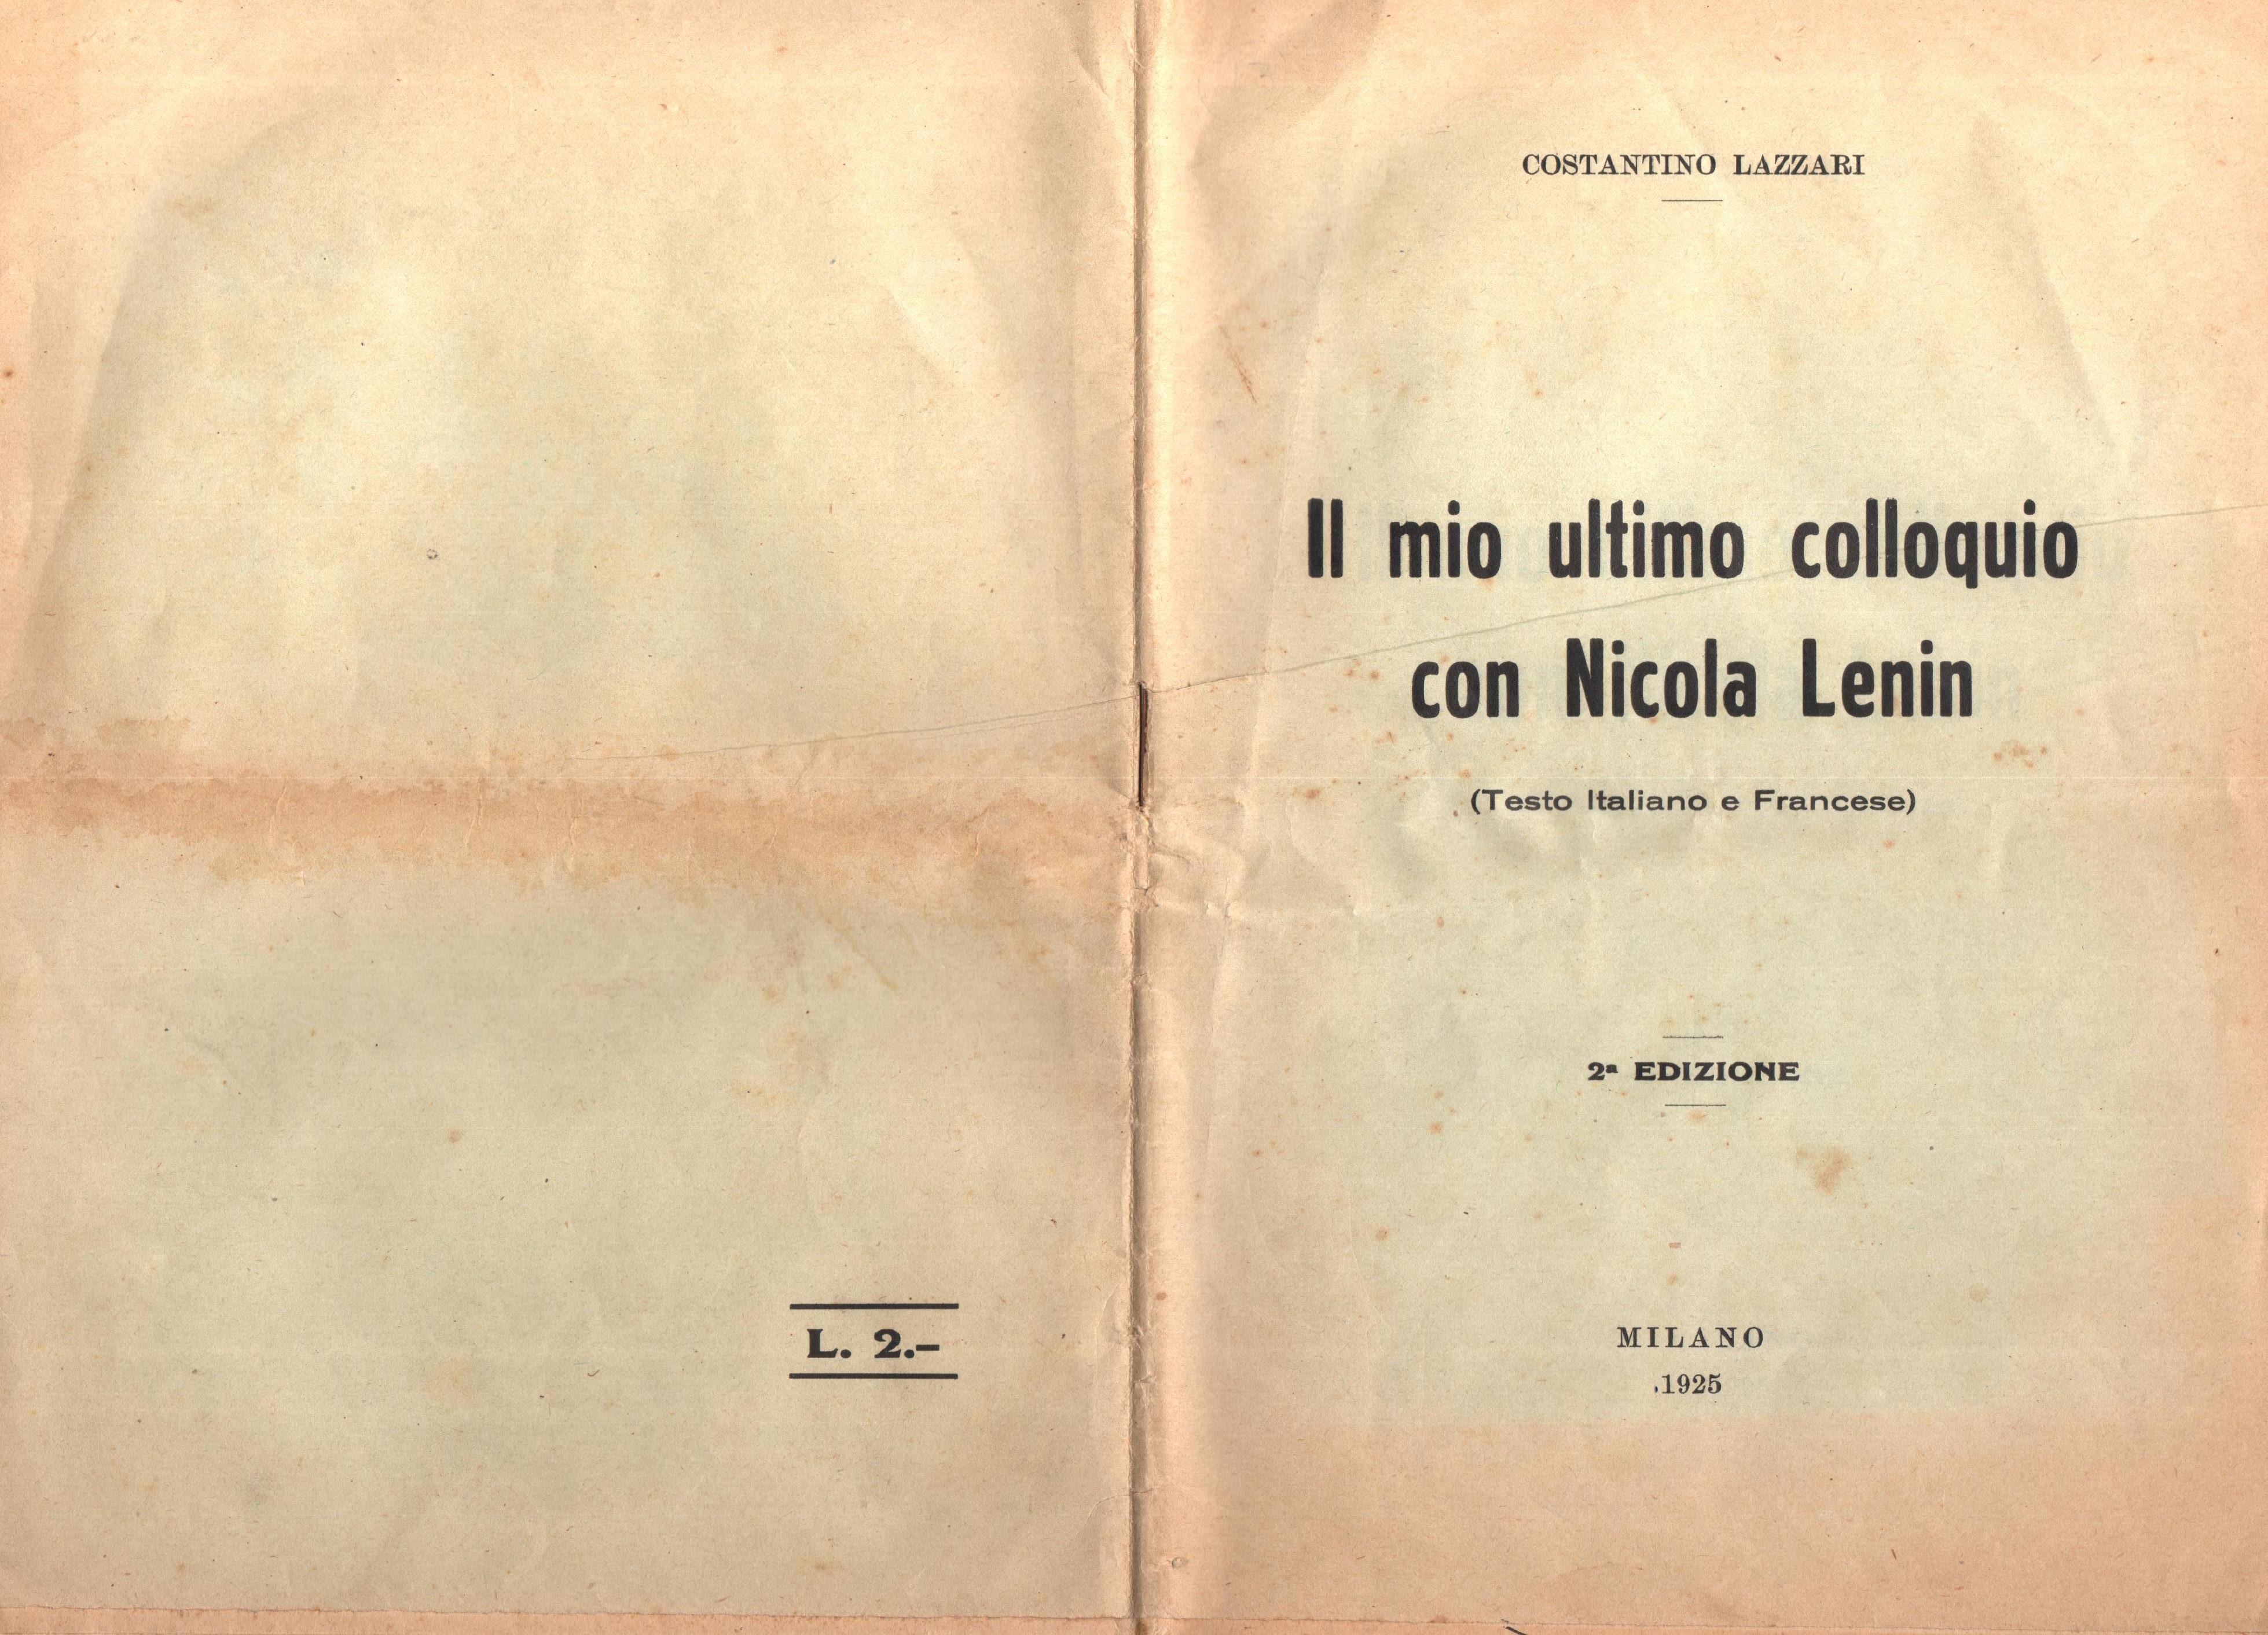 C. Lazzari, Il mio ultimo colloquio con Nicola Lenin - pag. 1